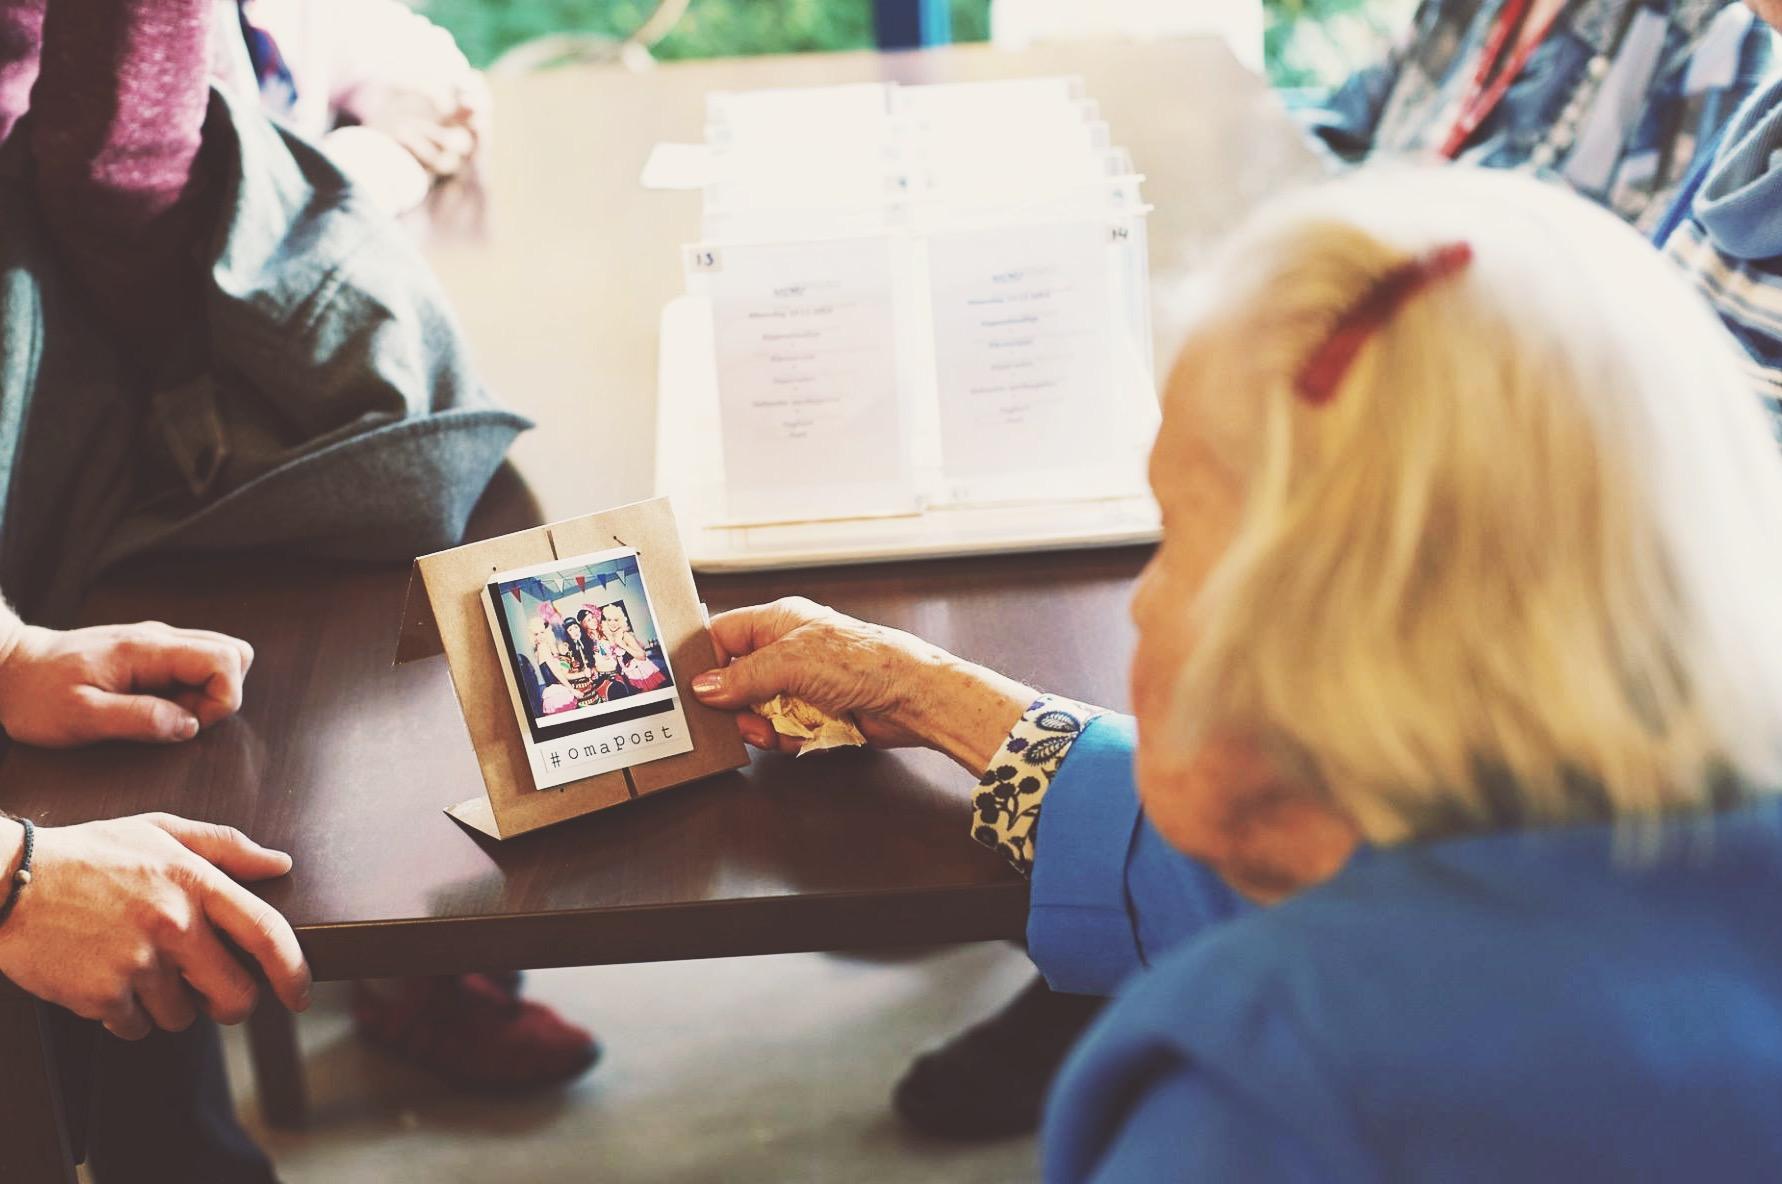 Deel je online leven met je offline oma - Moderne Hippies